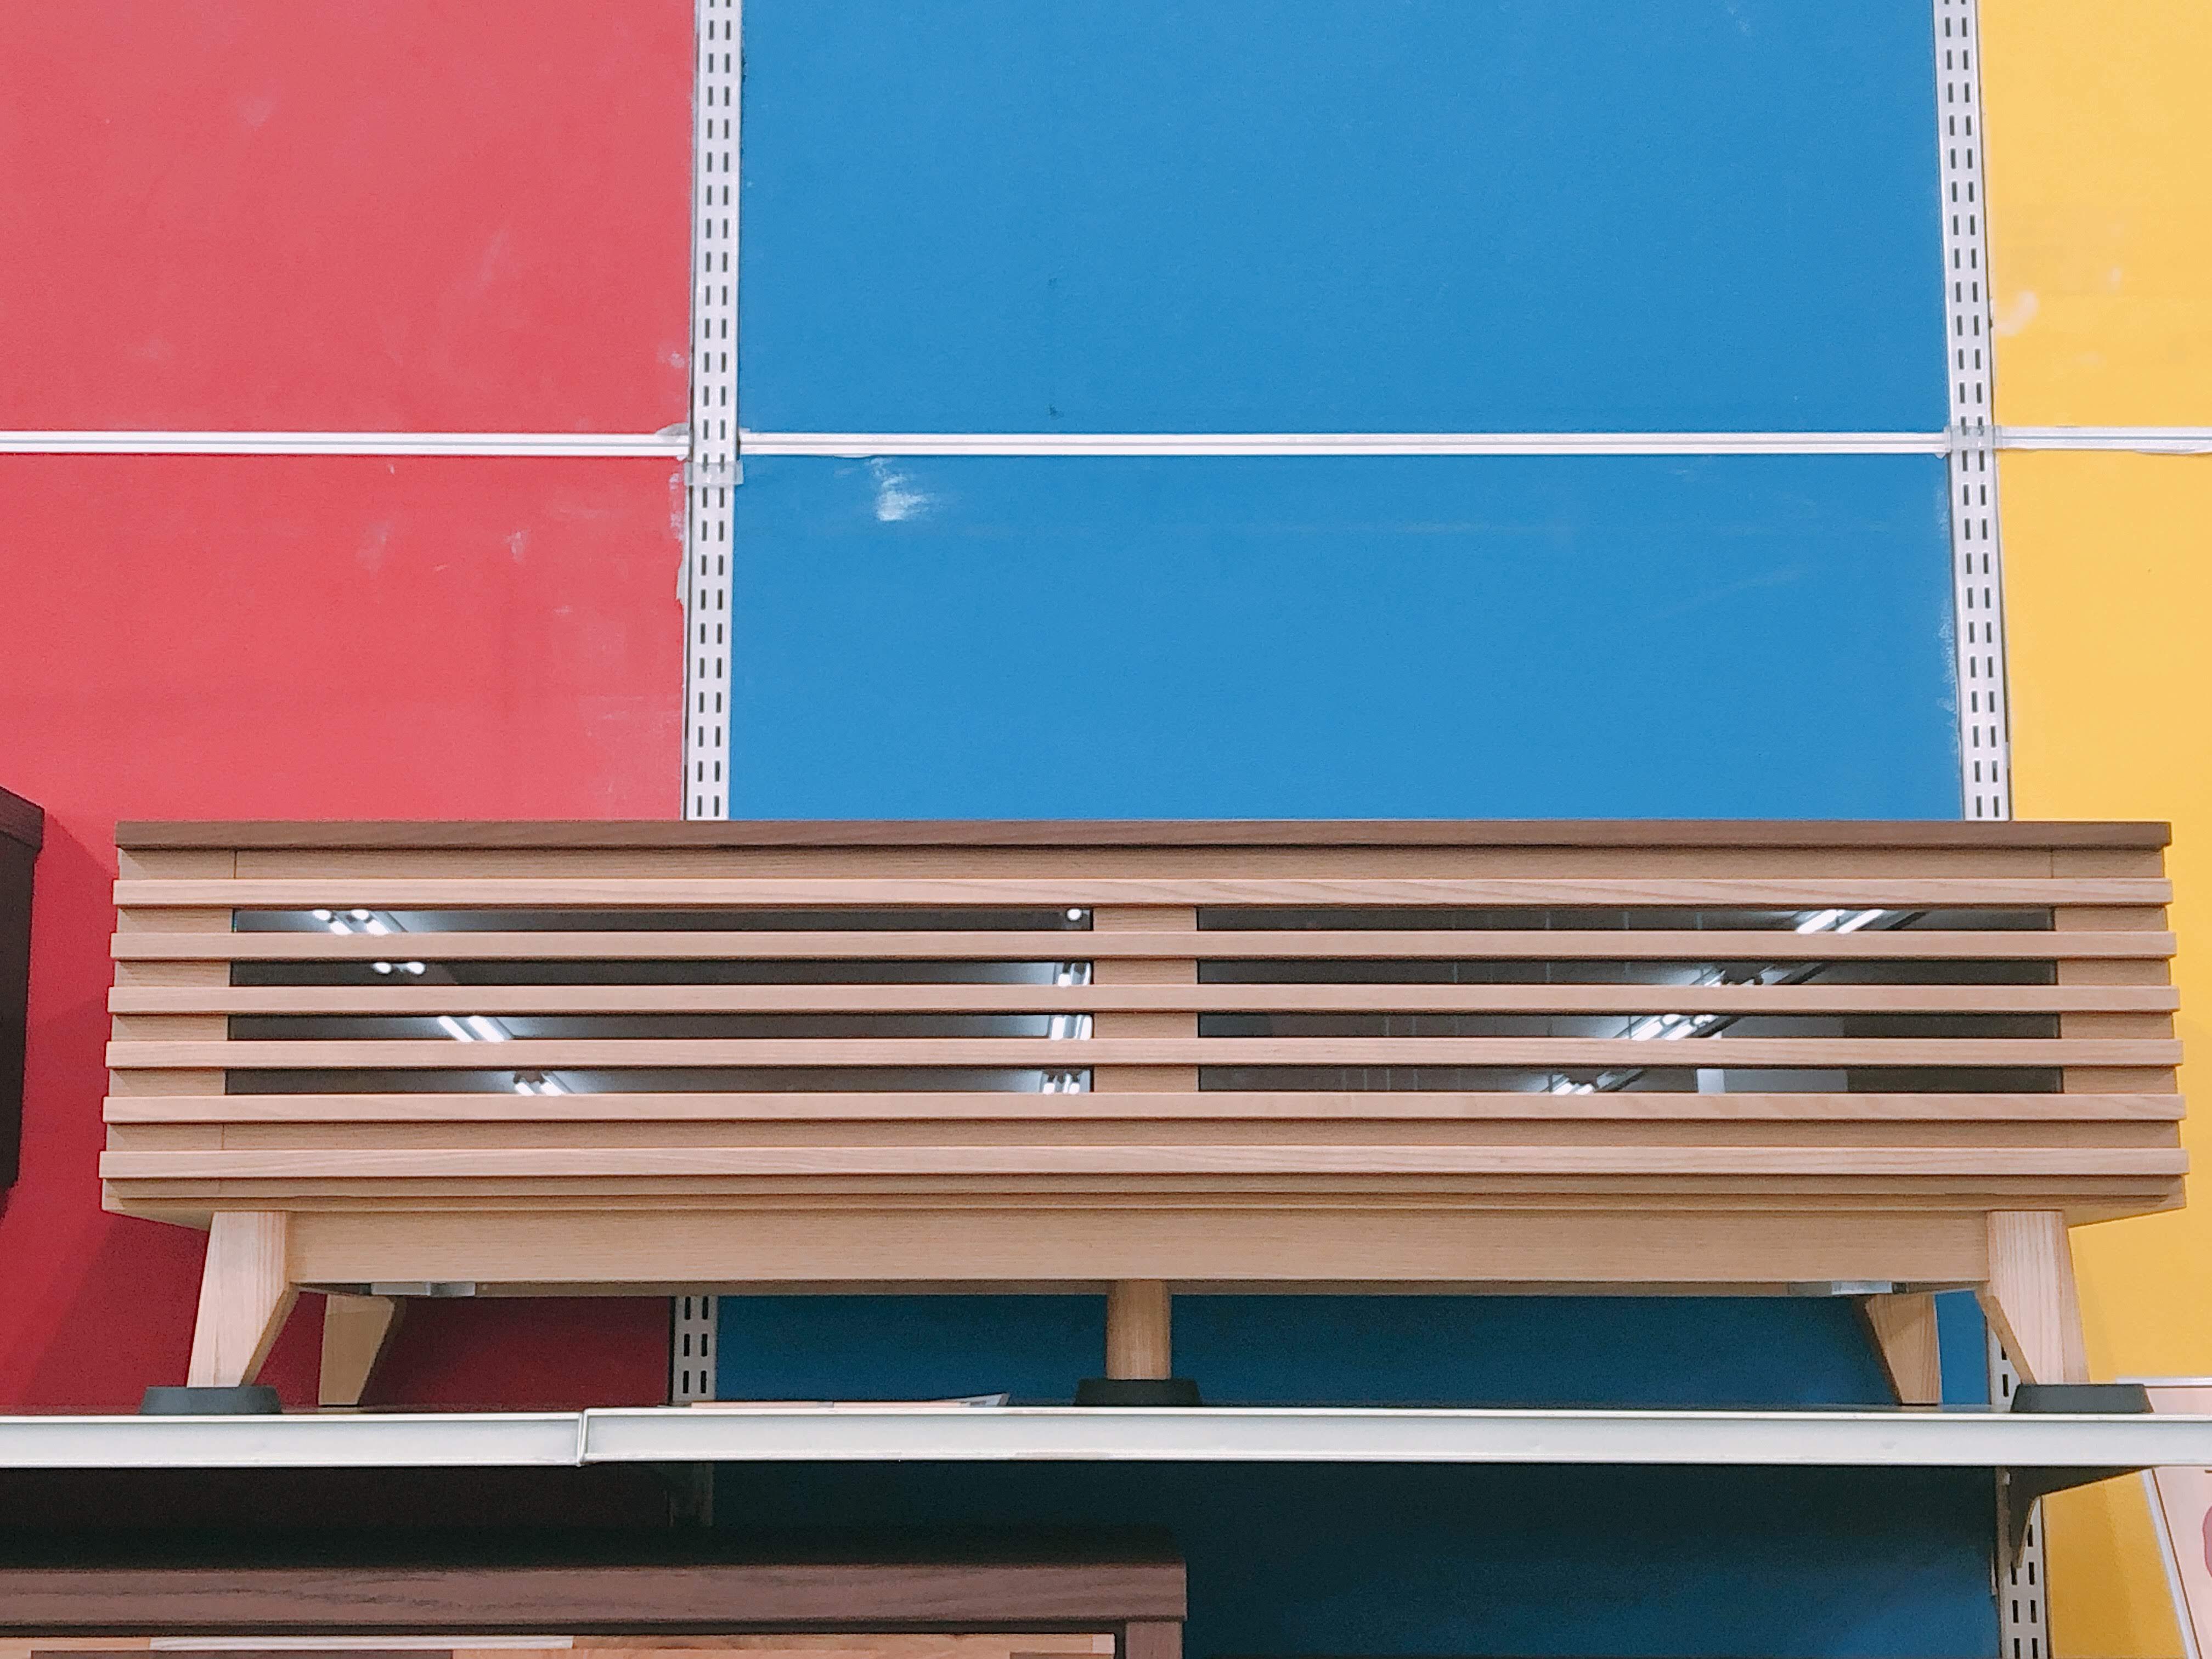 120㎝巾 ロータイプテレビボード 展示品限りの画像1